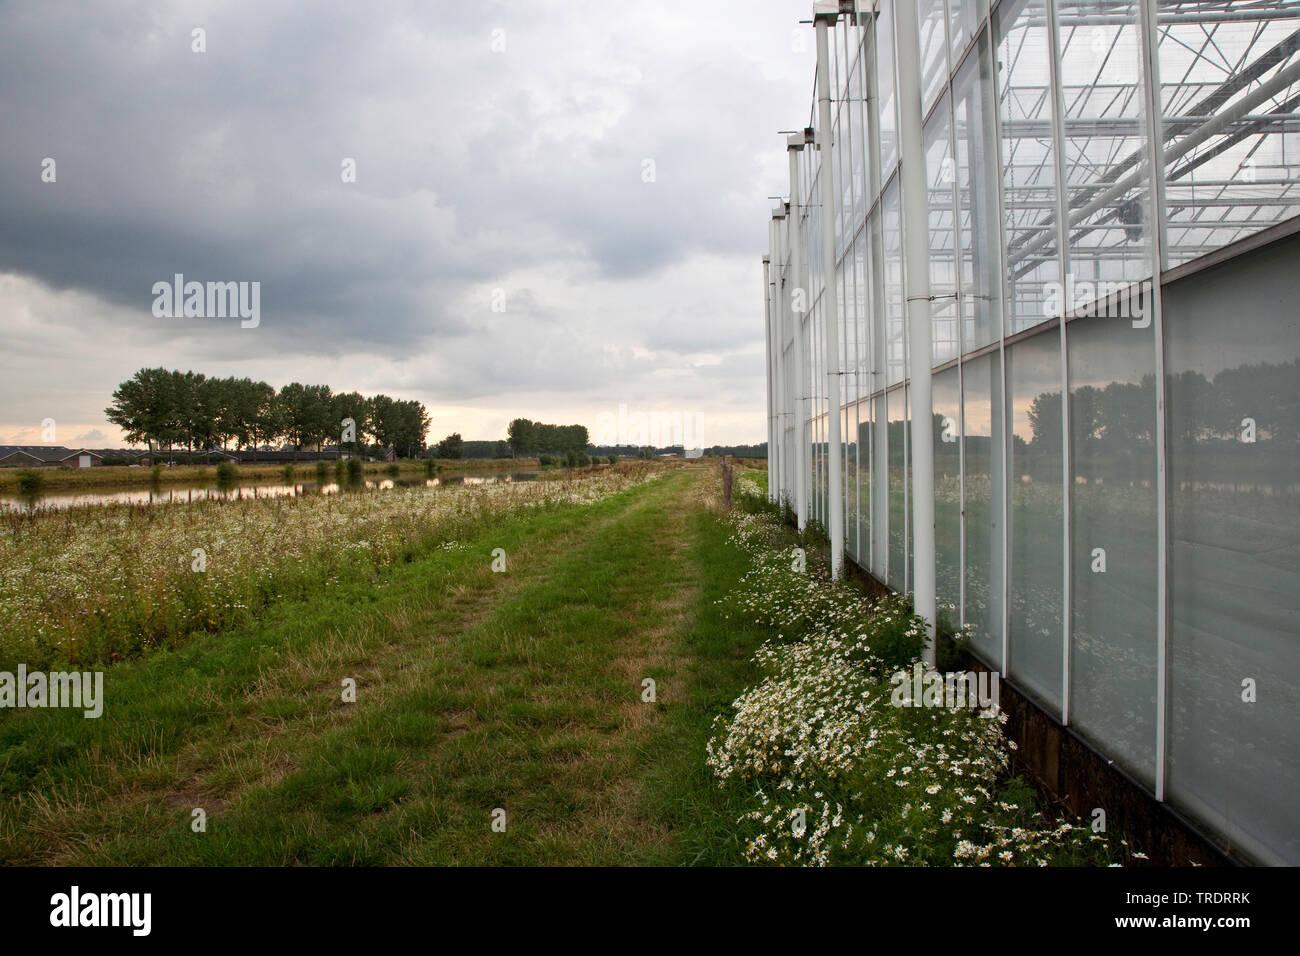 Gewaechshaeuser in Bergenden aan de Linge, Niederlande | Greenhouse area Bergenden aan de Linge, Netherlands | BLWS509662.jpg [ (c) blickwinkel/AGAMI/ - Stock Image